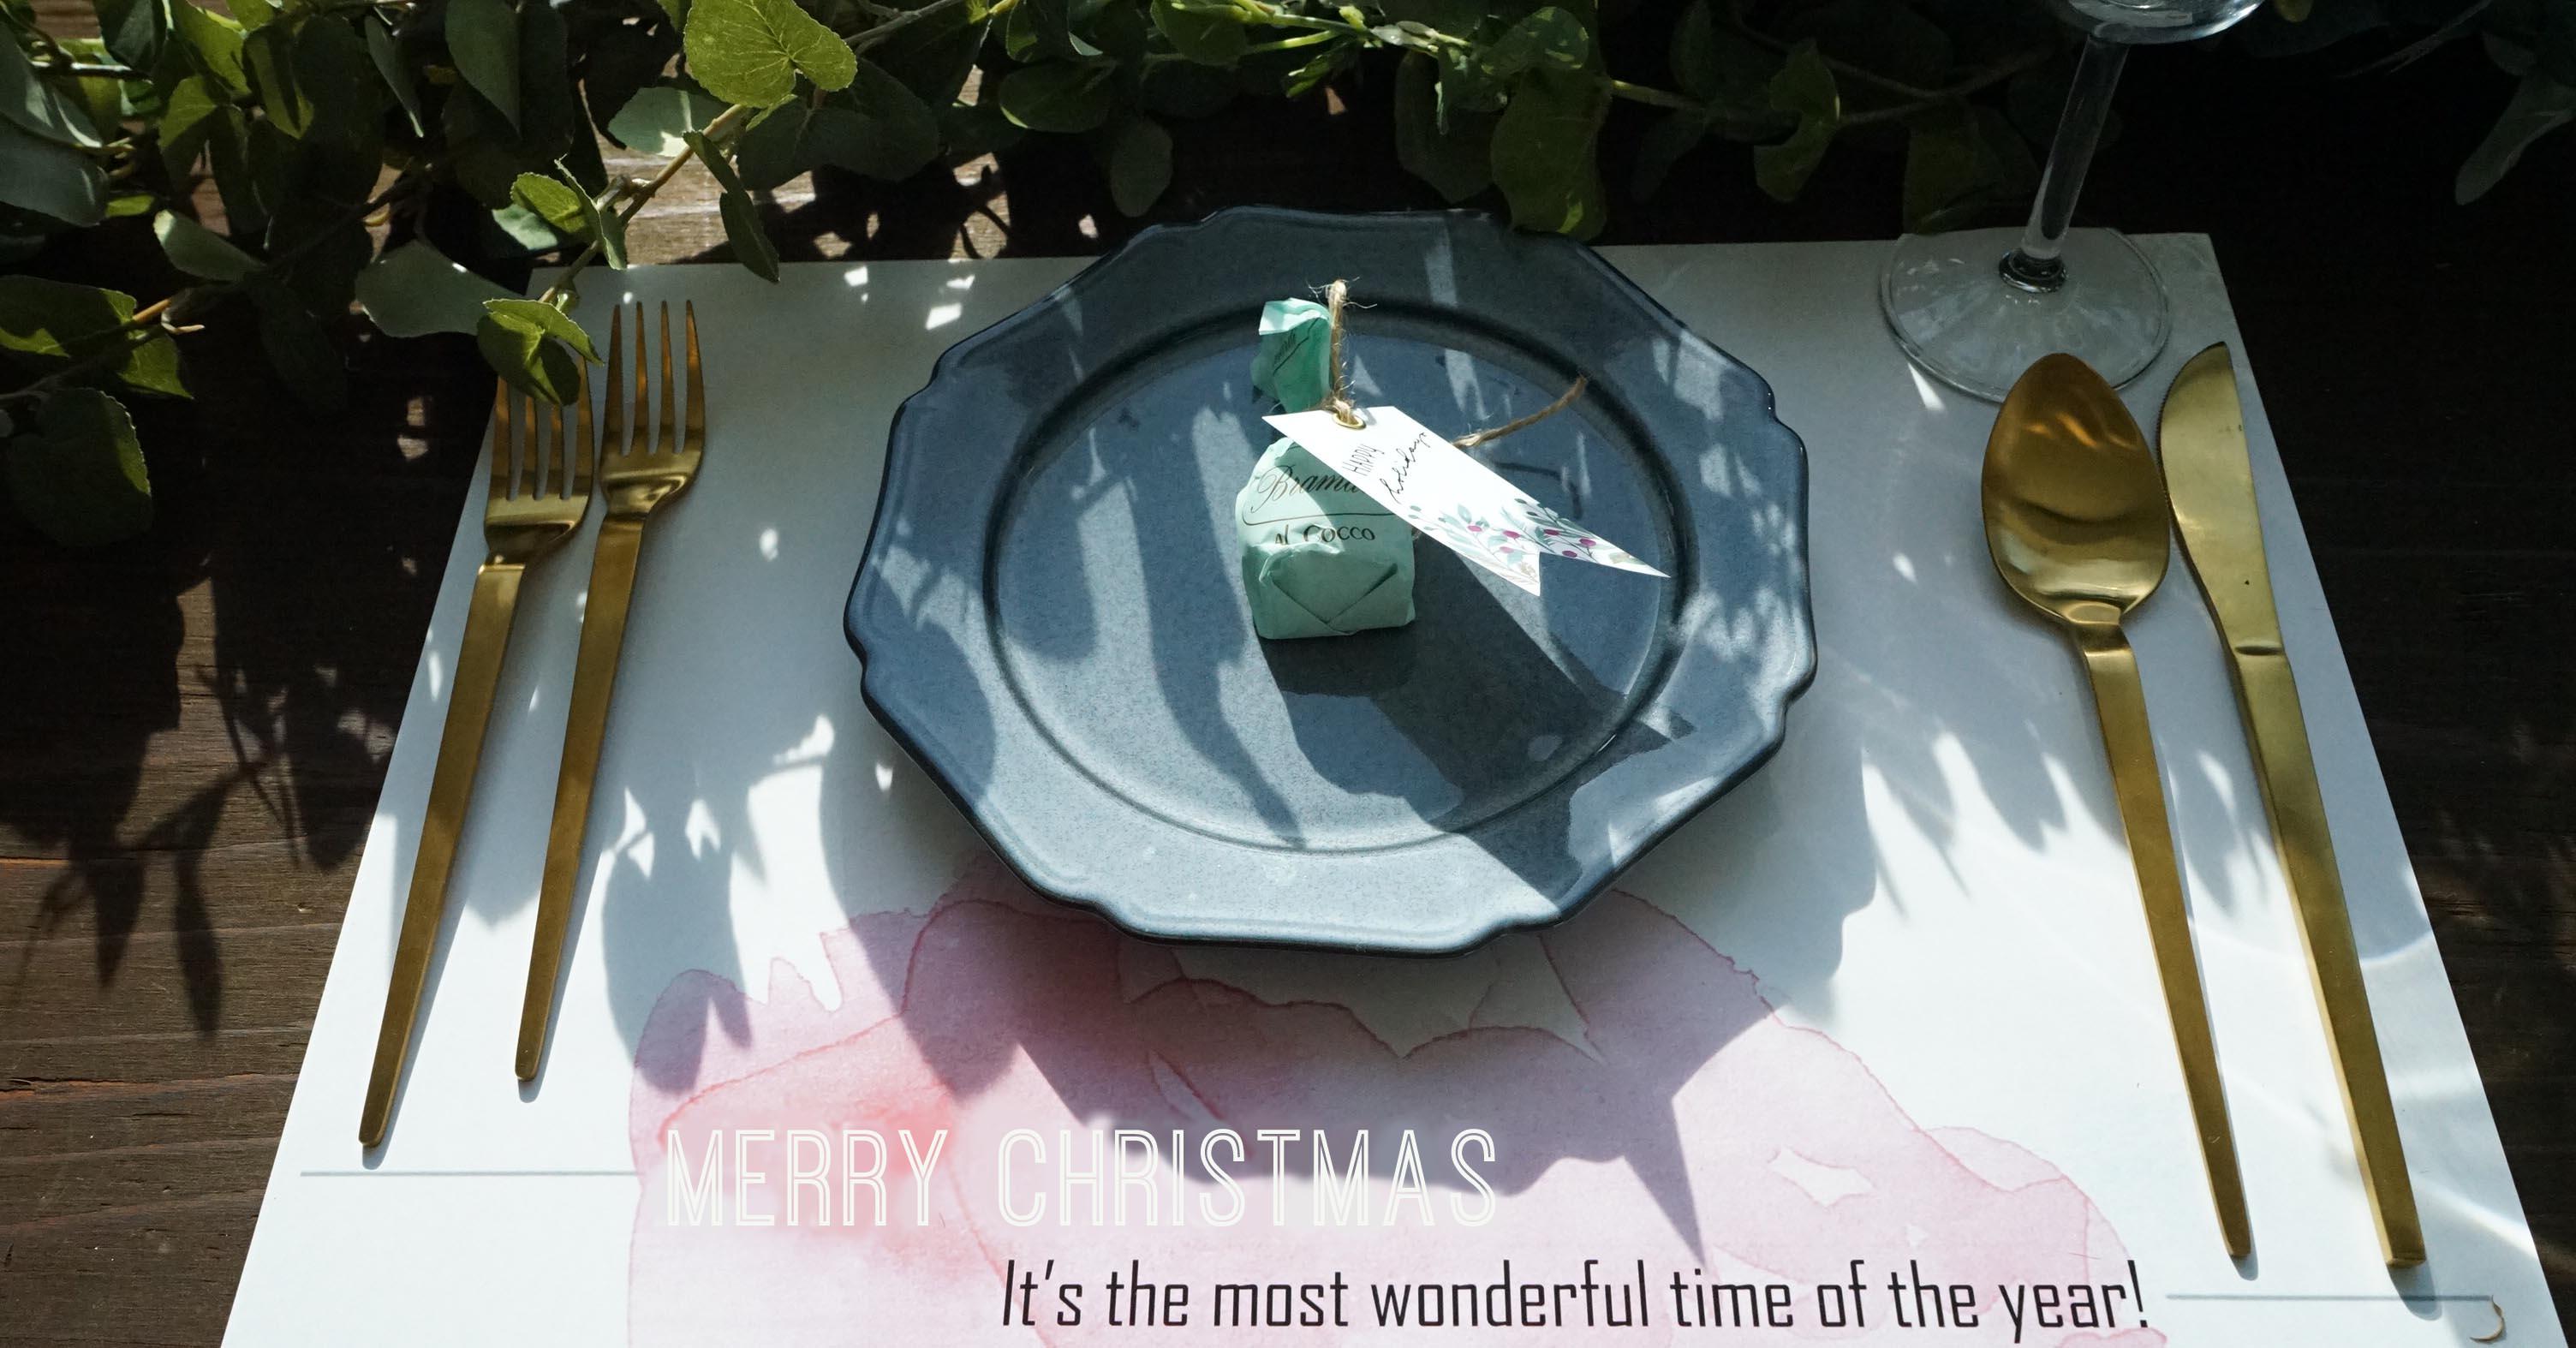 【無料テンプレート】クリスマスの食卓を彩ろう♪プレースマット3種